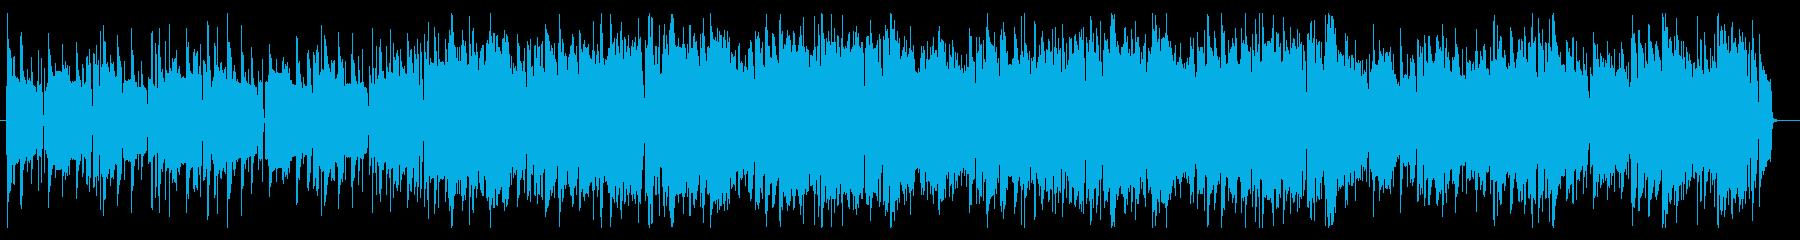 クールなヒップホップ系インストBGMの再生済みの波形